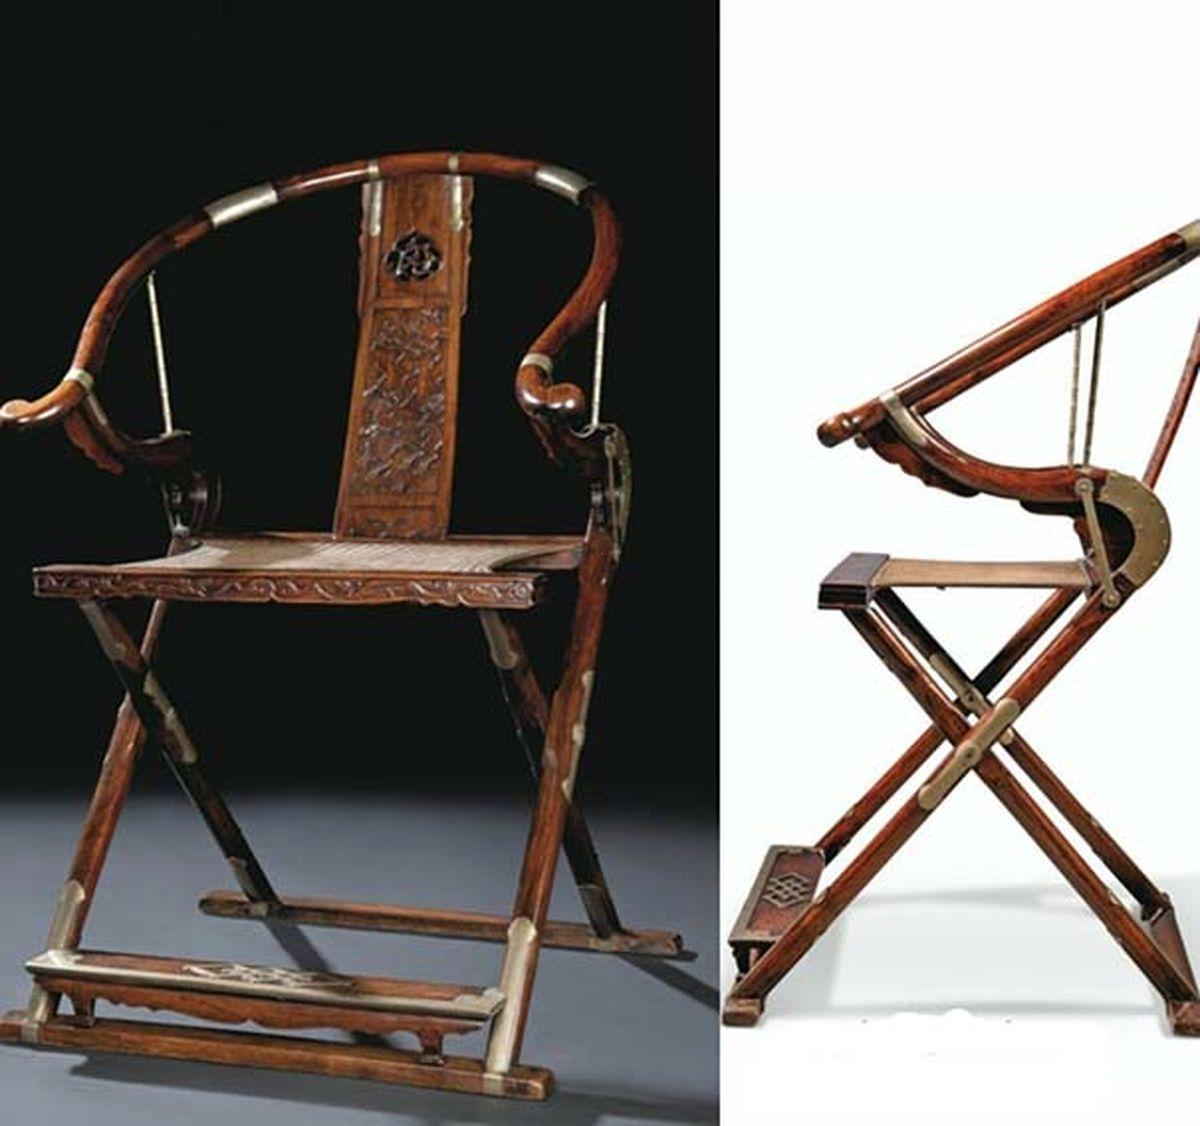 عکس گرانترین صندلی دنیا به قیمت 8/5 میلیون دلار